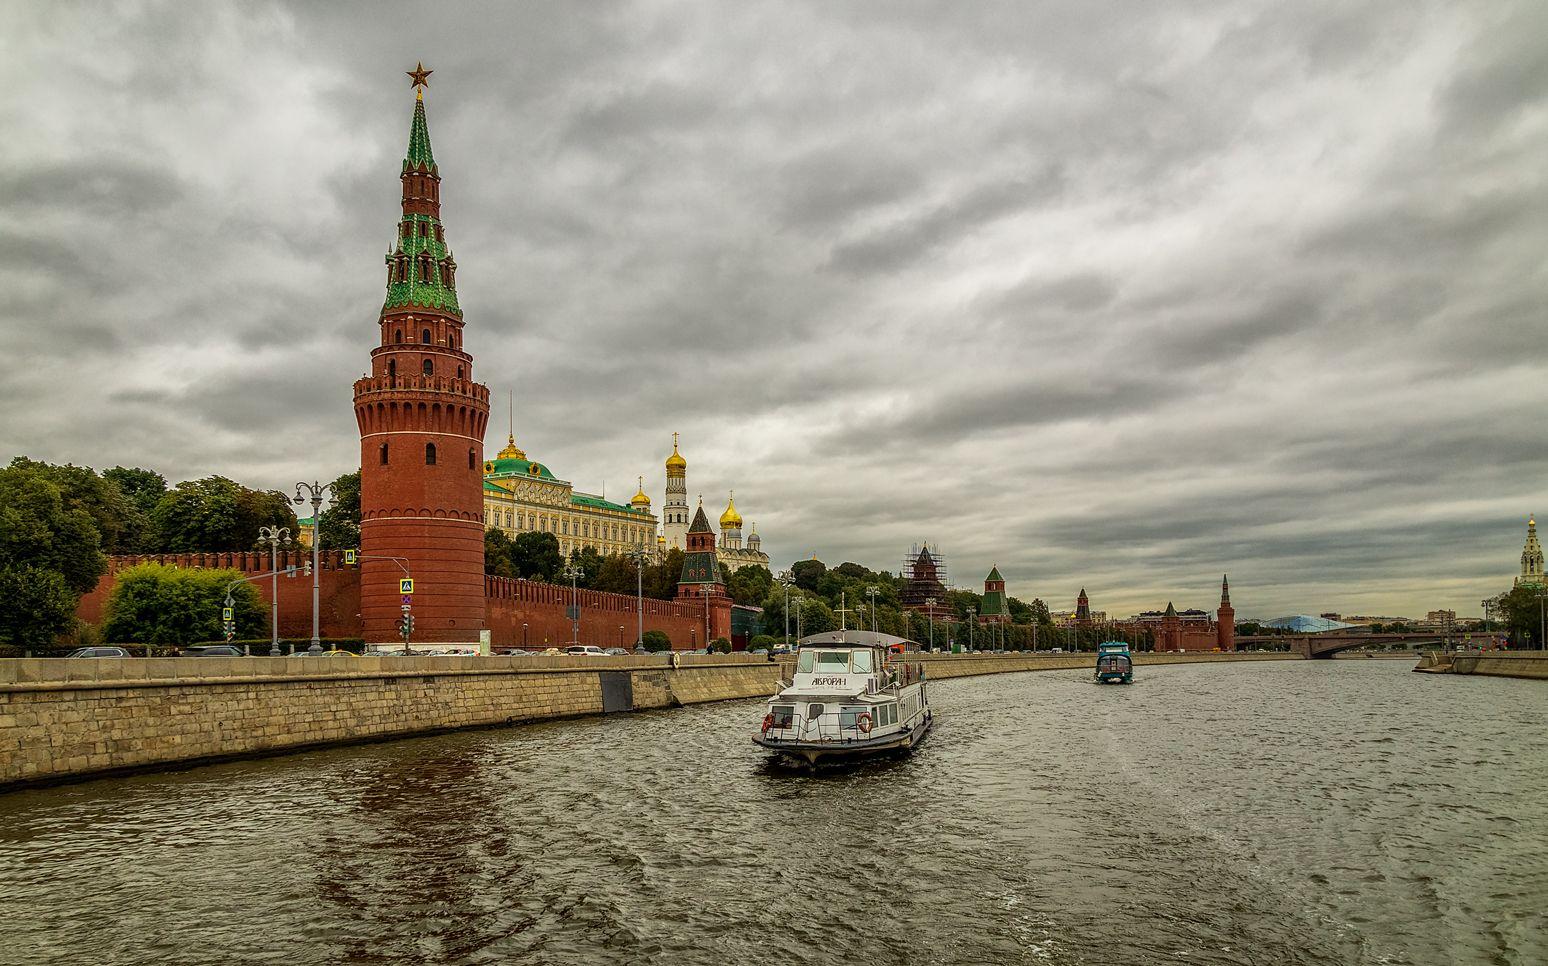 Прогулка по Москве-реке 03 (Аврора у кремля)